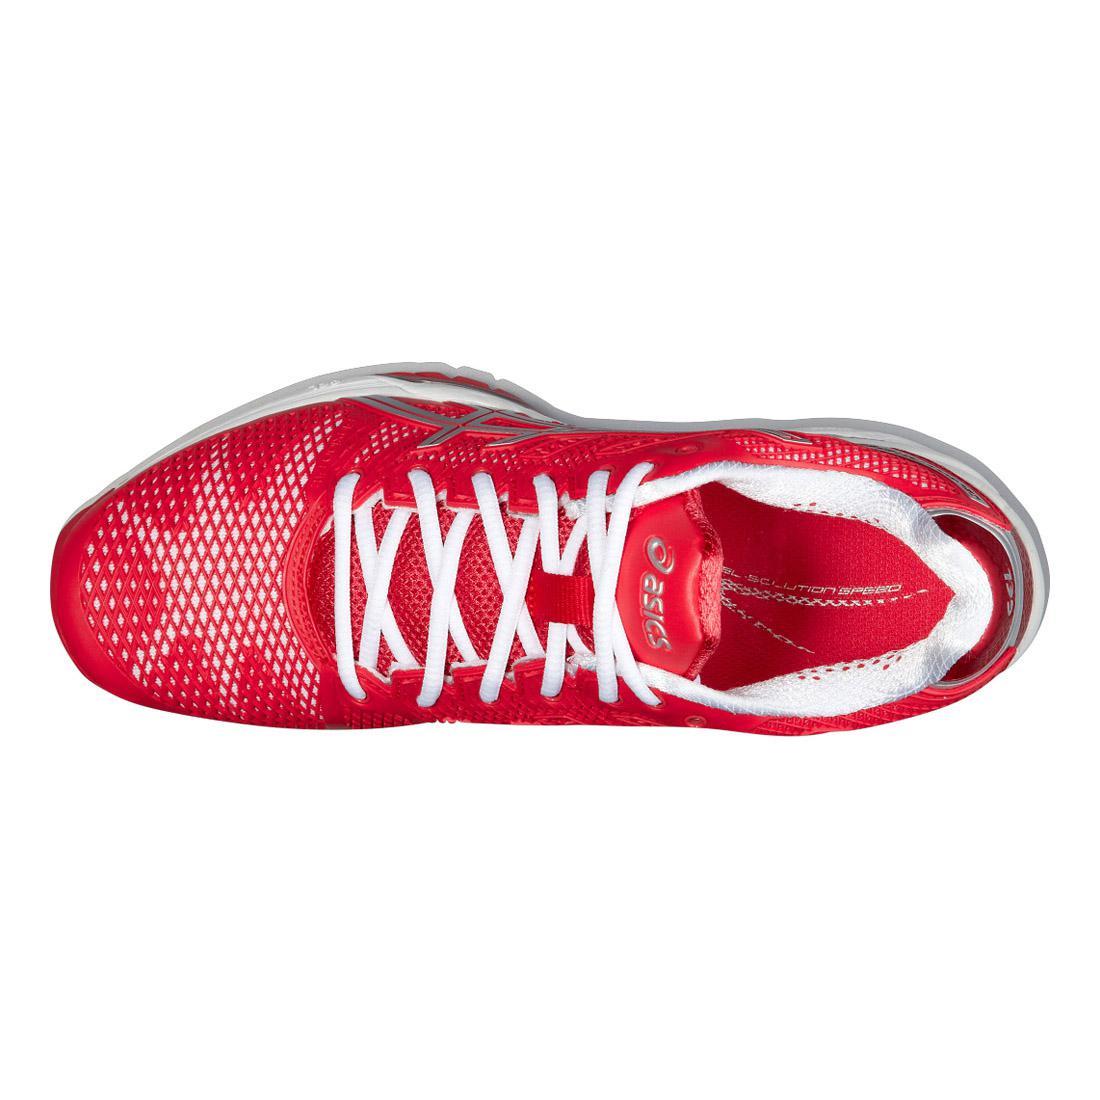 565d79d469a4 Asics Womens GEL-Solution Speed 2 Tennis Shoes - Red - Tennisnuts.com